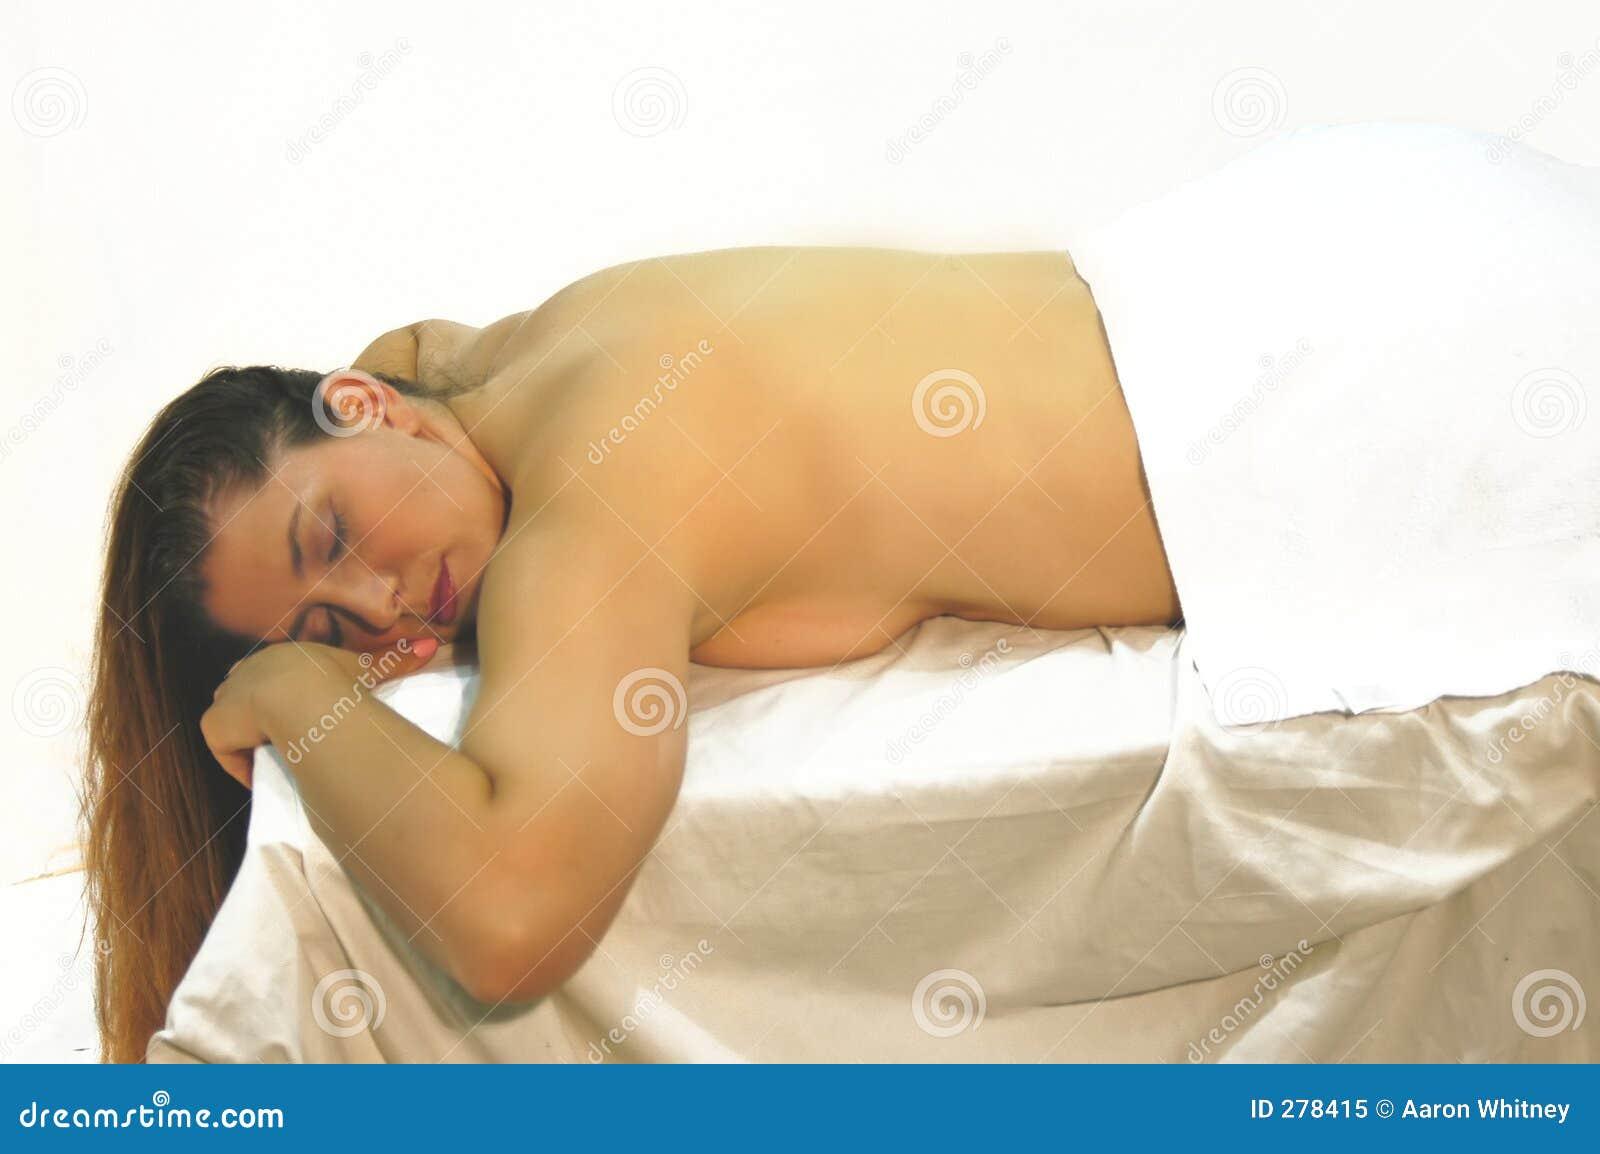 Massage 4809